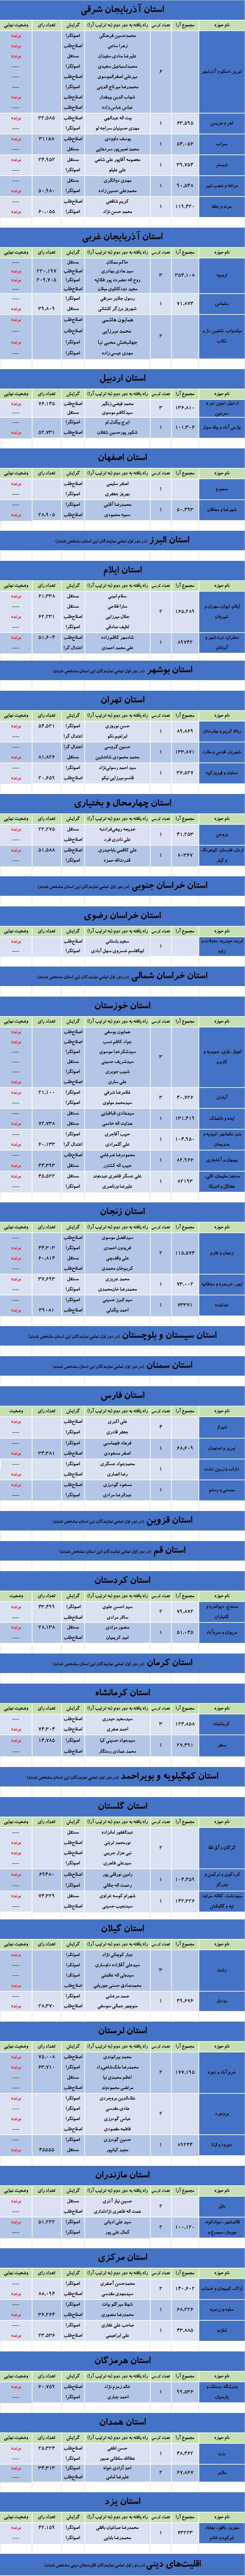 نتایج دومین مرحله انتخابات مجلس شورای اسلامی+جدول /شمارش آرا پایان یافت /اسامی و گرایش ۶۸ نماینده جدید